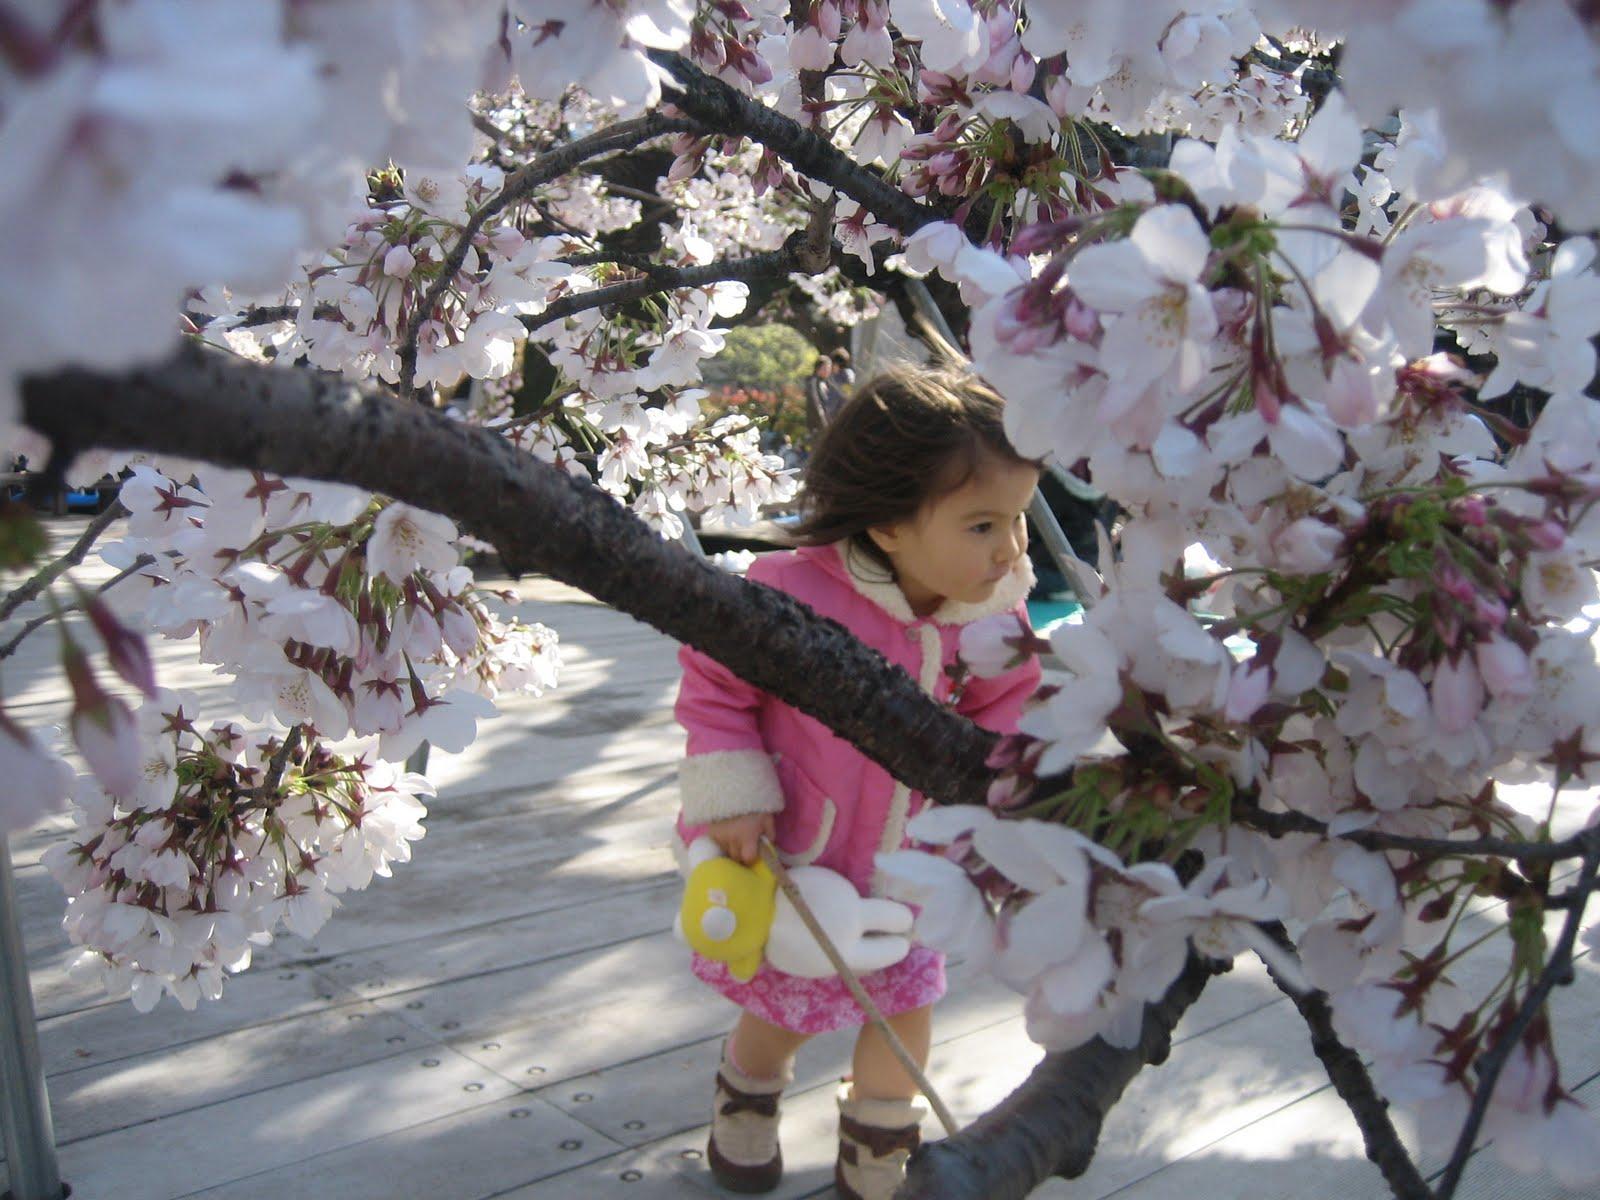 http://1.bp.blogspot.com/-V7mIa4xsYrI/TZZ4c0TxiuI/AAAAAAAABDg/nmdsQzyi8XI/s1600/Hanami%2BChild.JPG